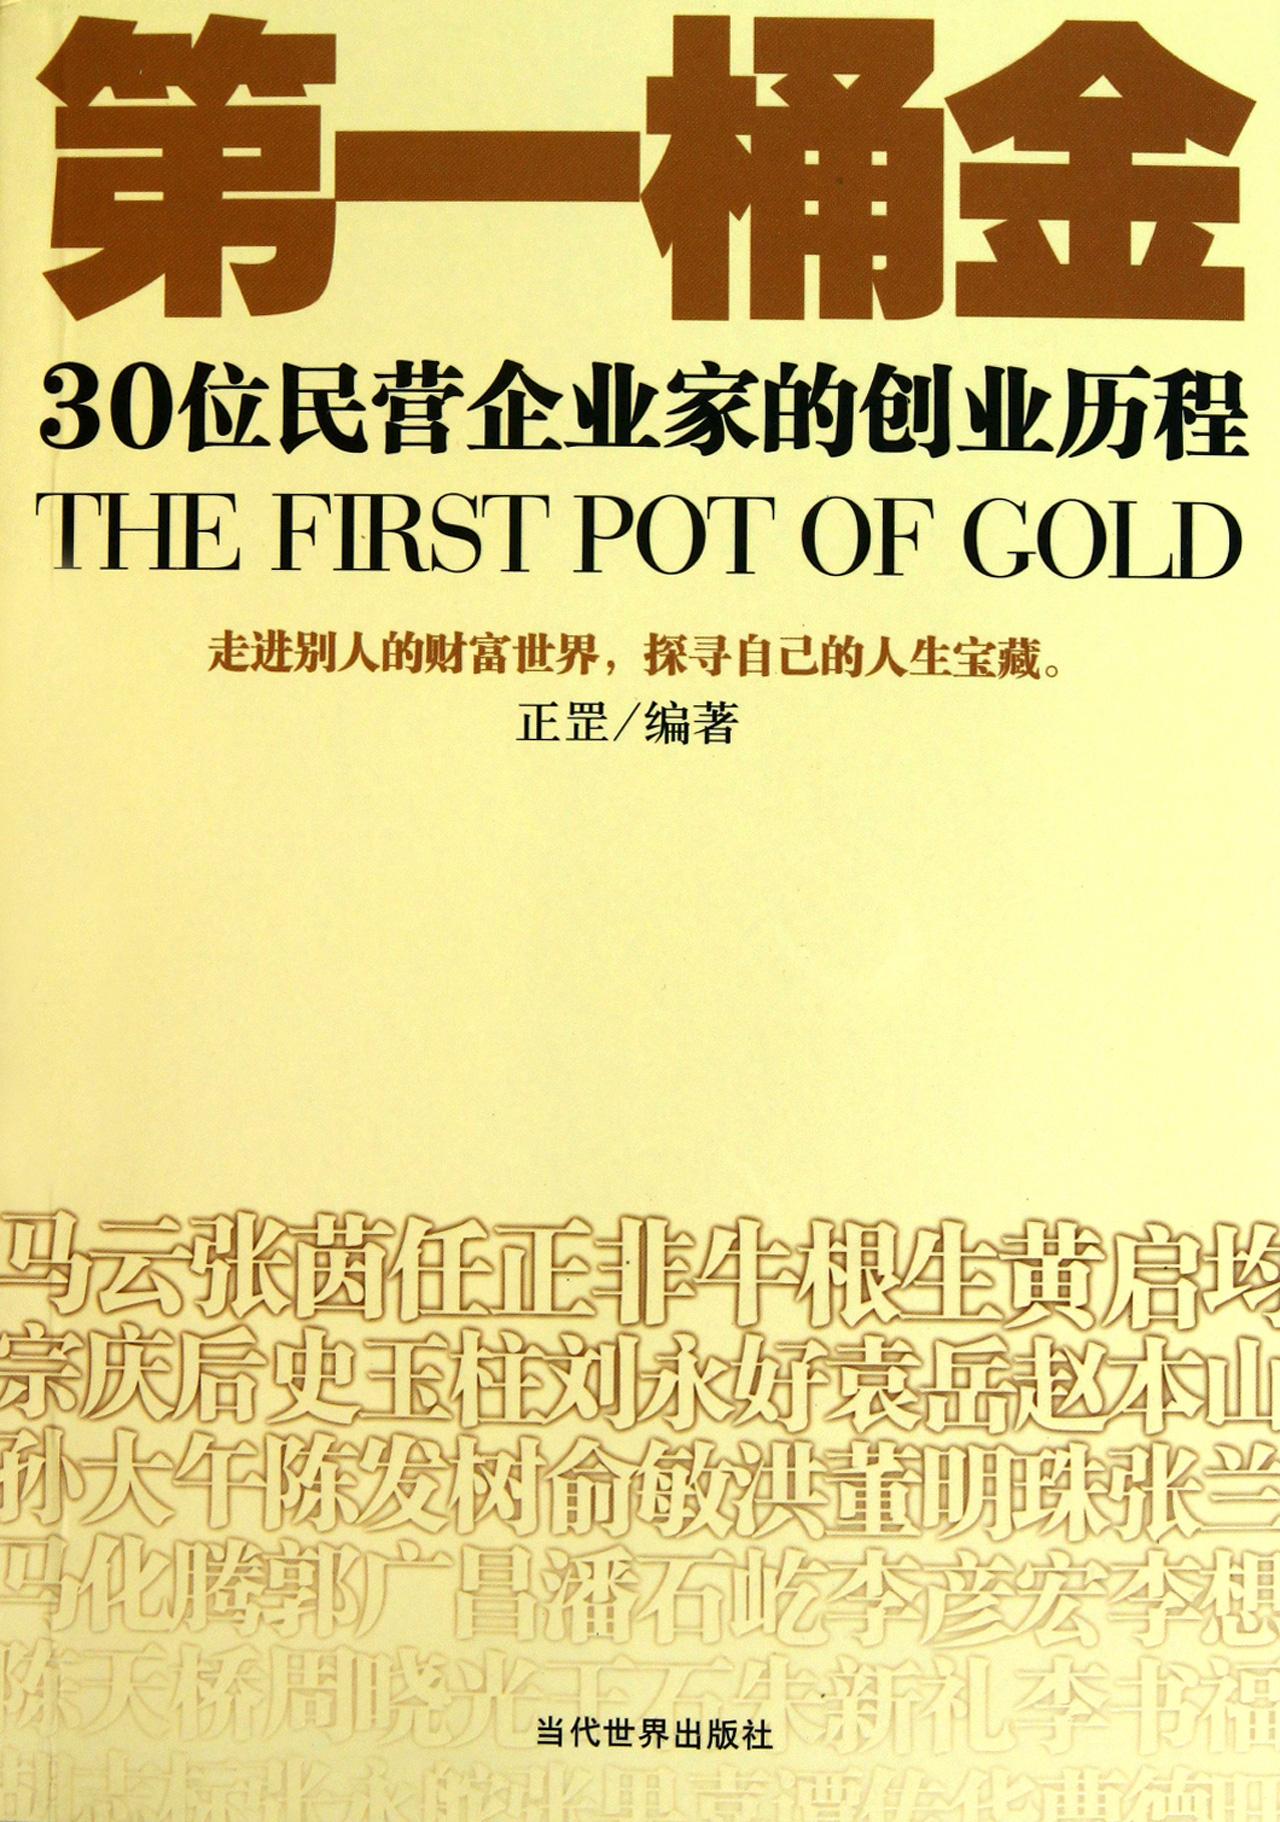 第一桶金(30位民营企业家的创业历程)